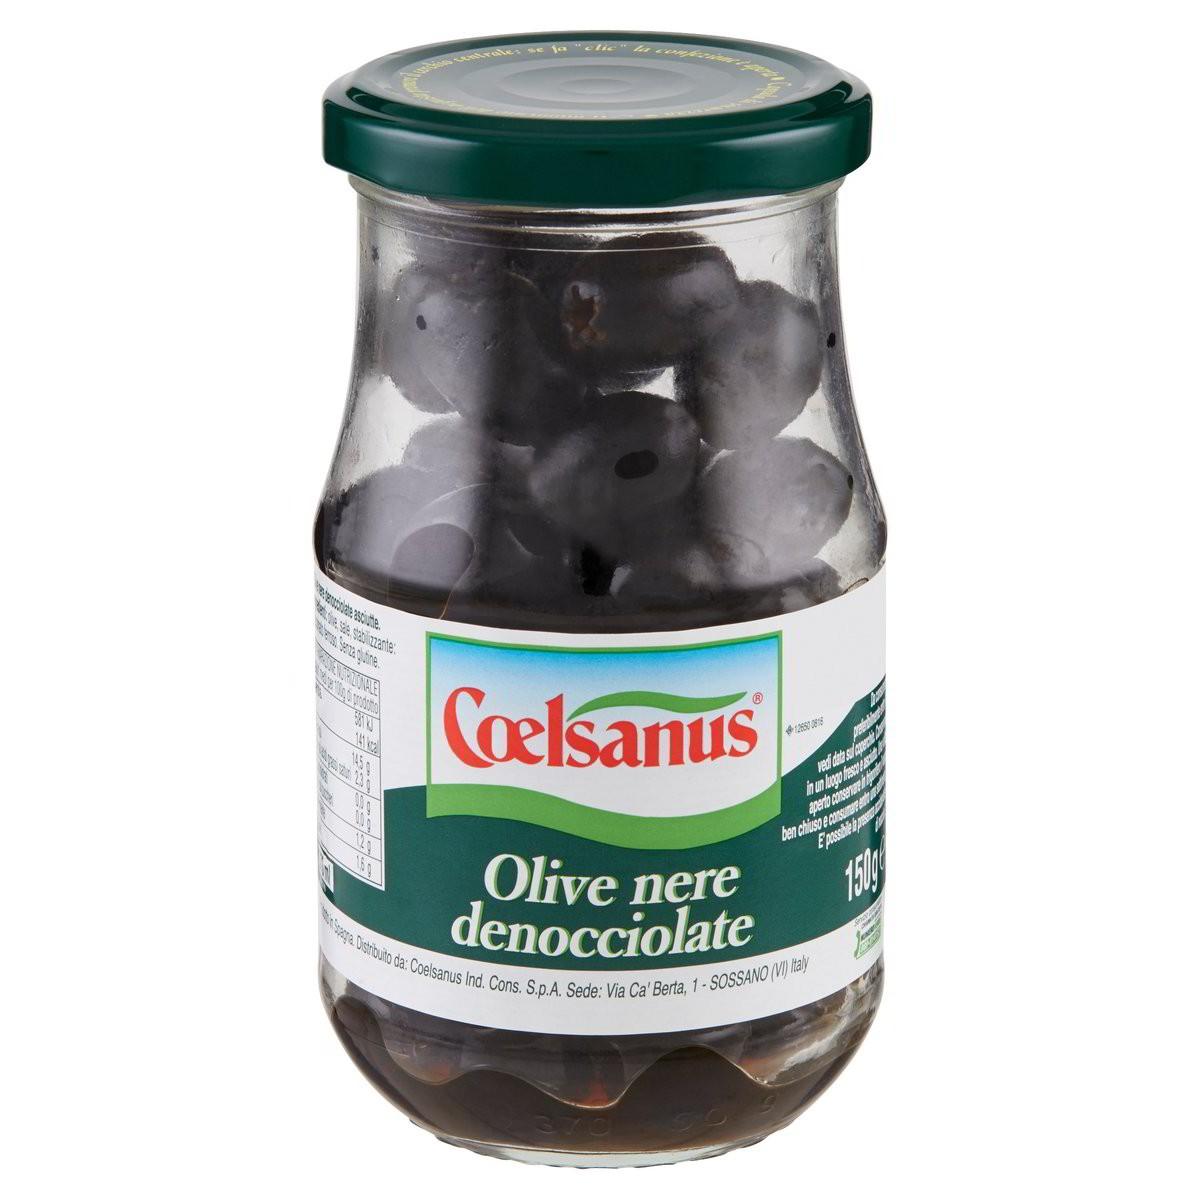 Coelsanus Olive nere denocciolate